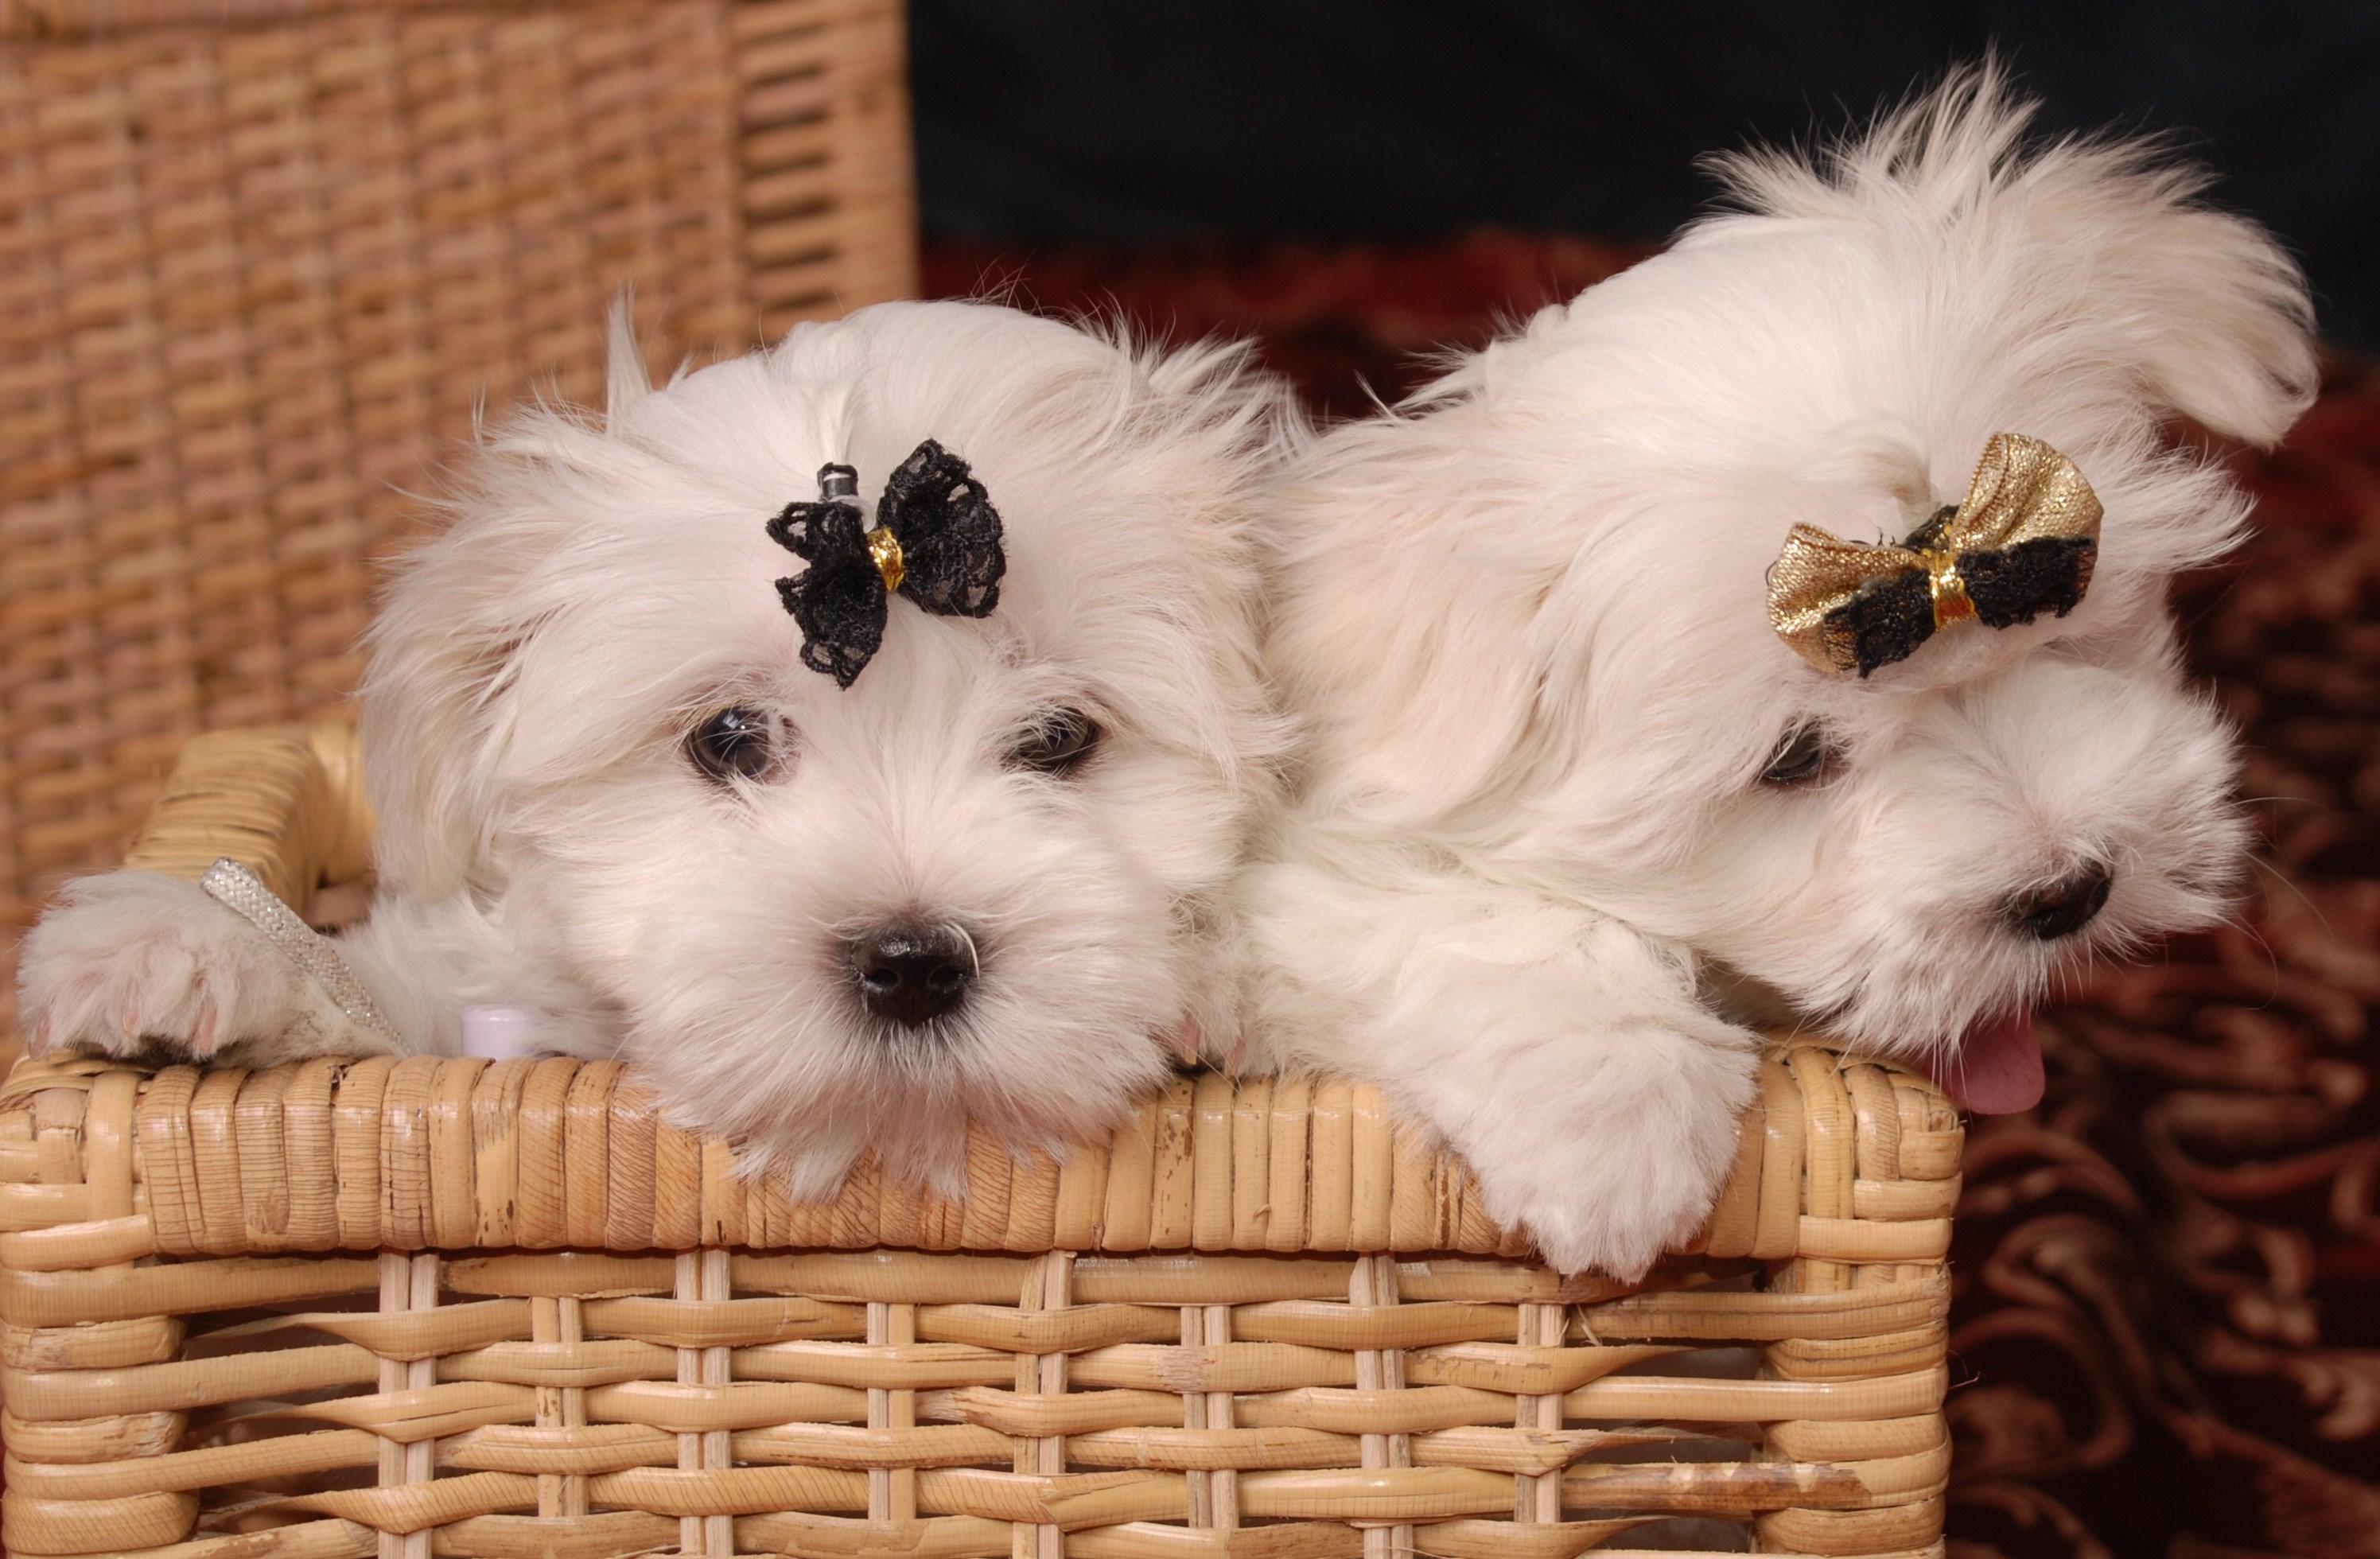 Два щенка французской болонки в корзине